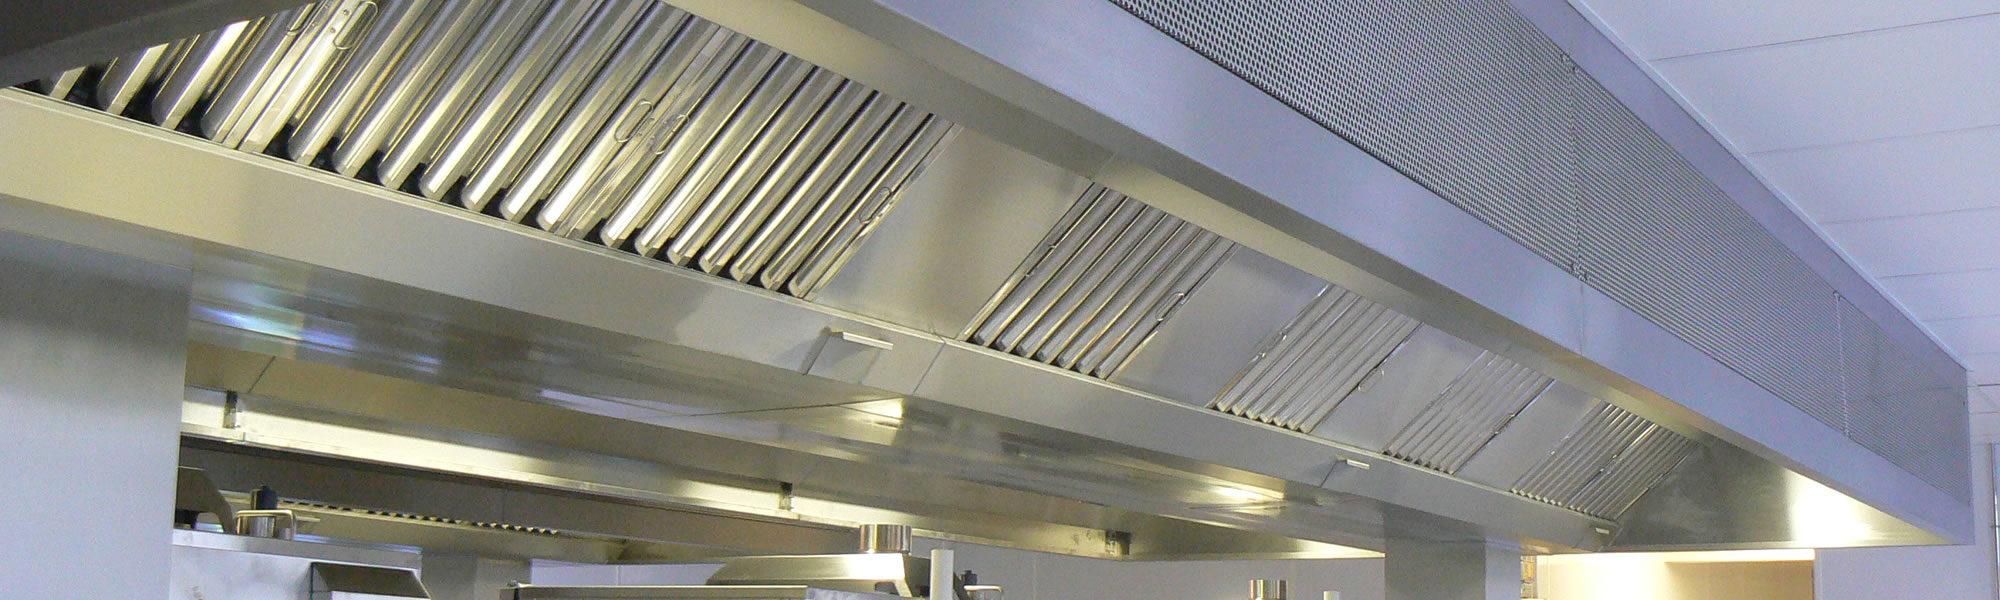 Kitchen Ventilation Canopies Banner